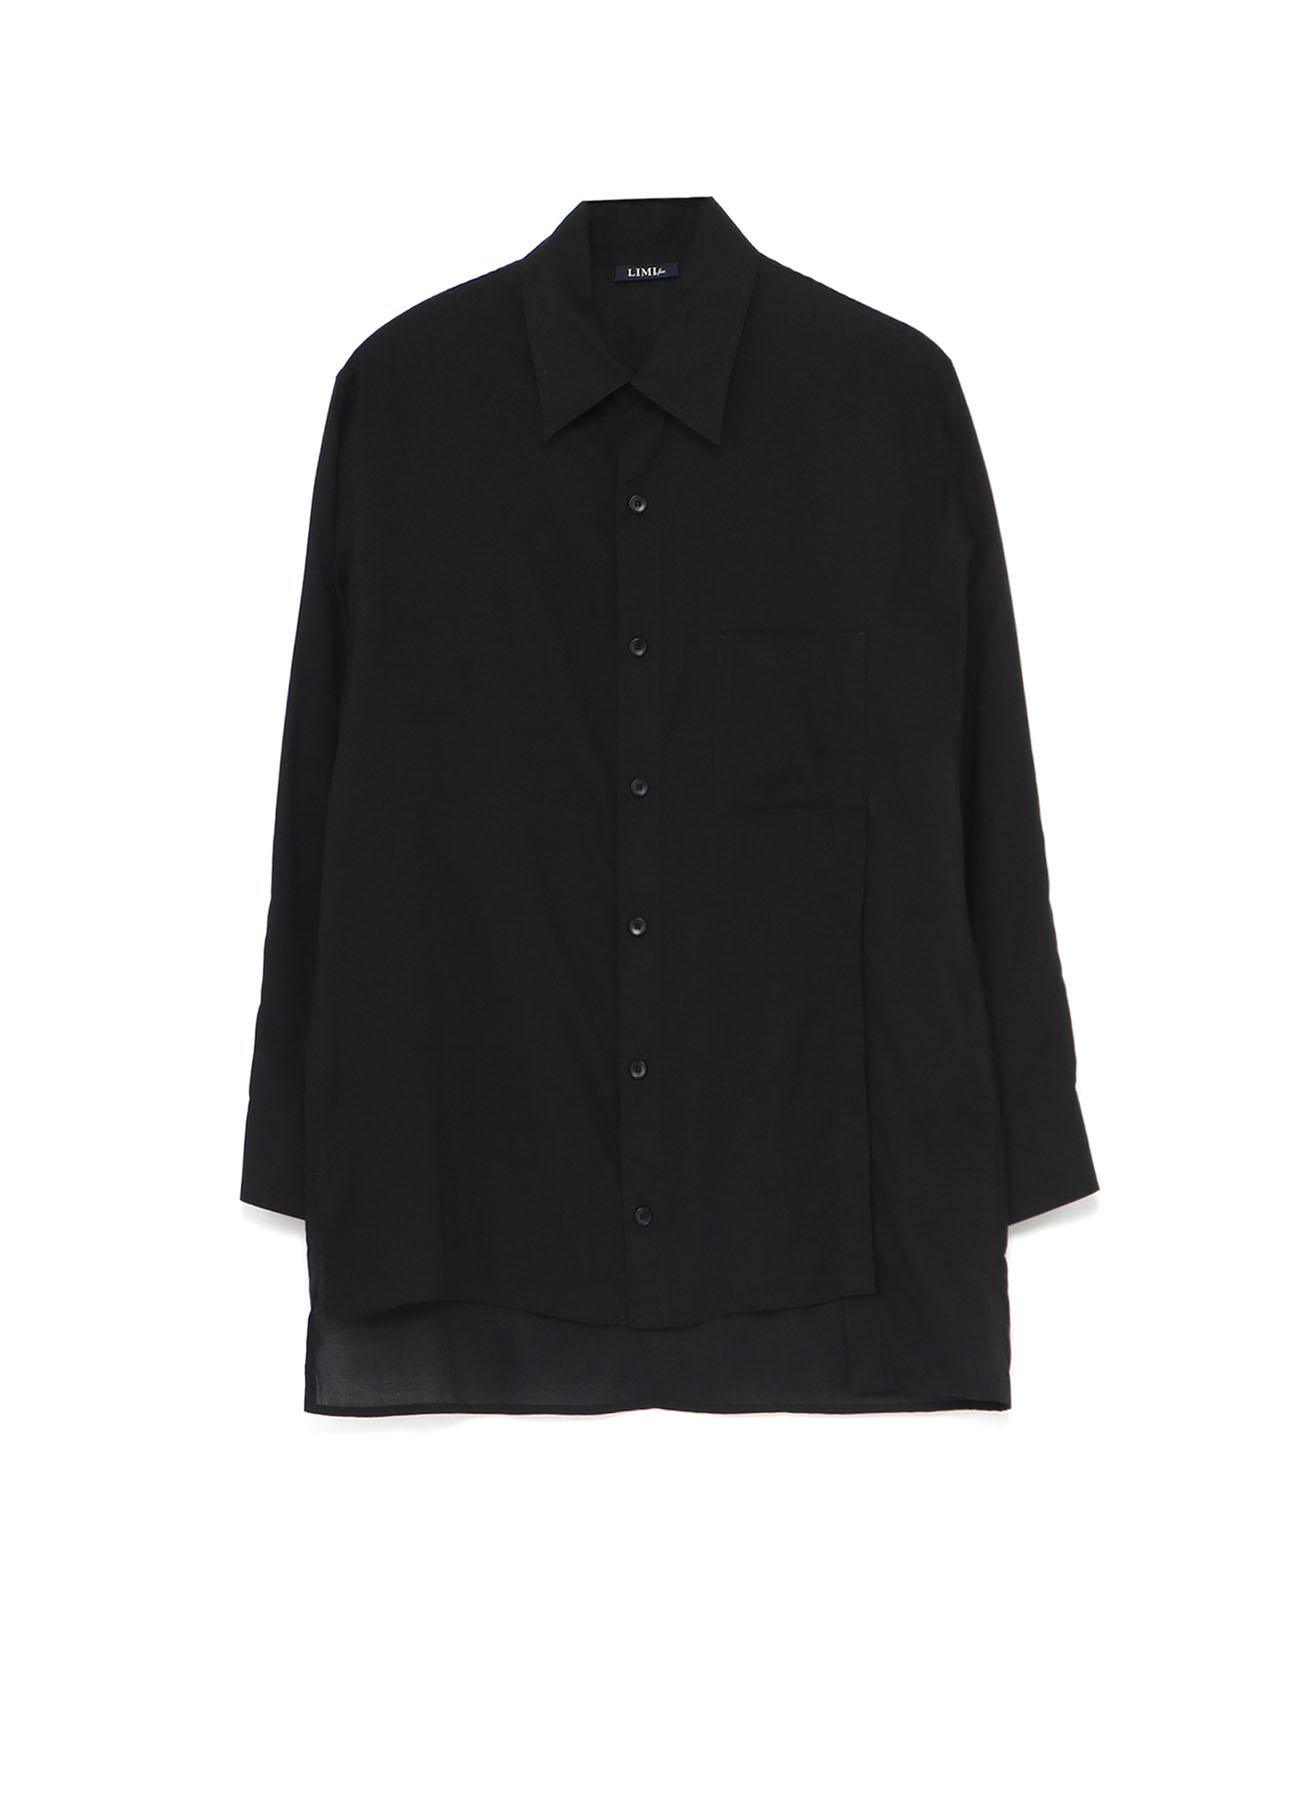 Soft Lawn Left Open Placket Shirt